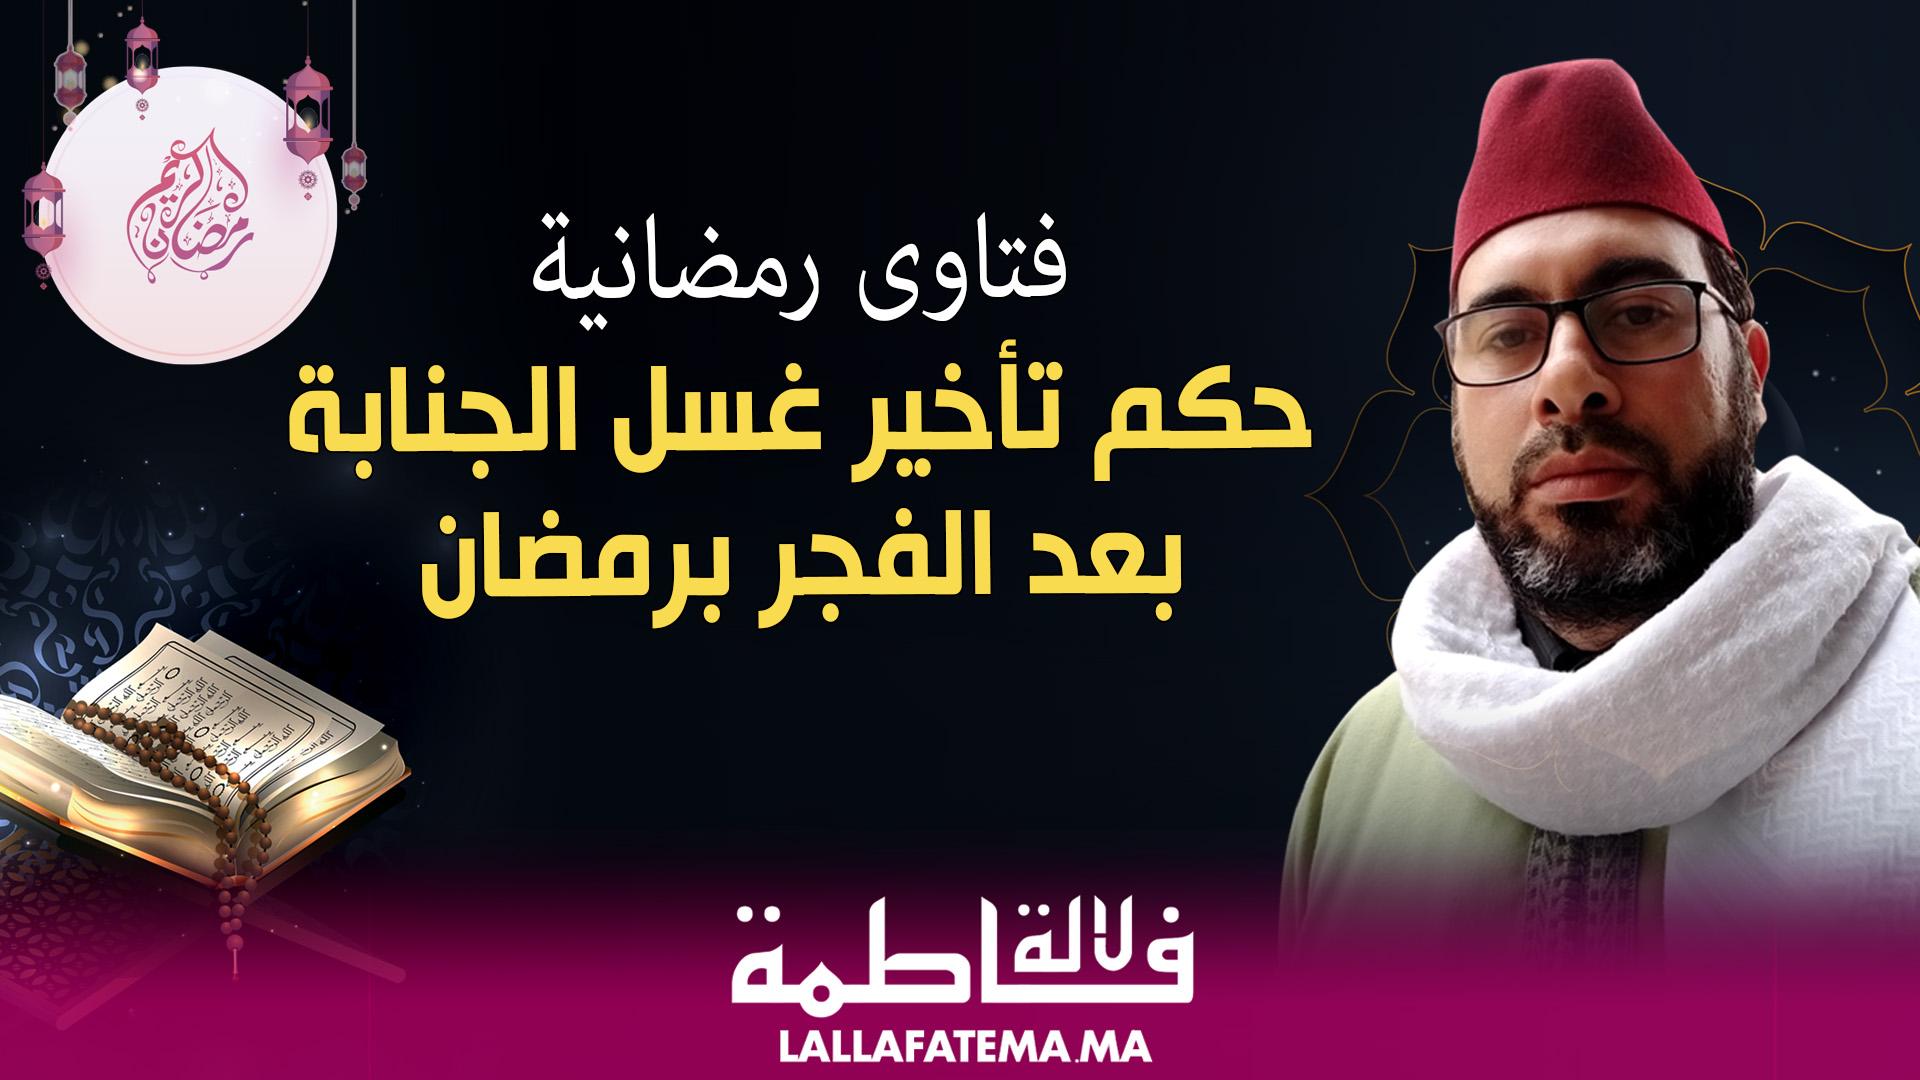 فتاوى رمضانية هذا هو حكم تأخير غسل الجنابة في رمضان فيديو مجلة لالة فاطمة